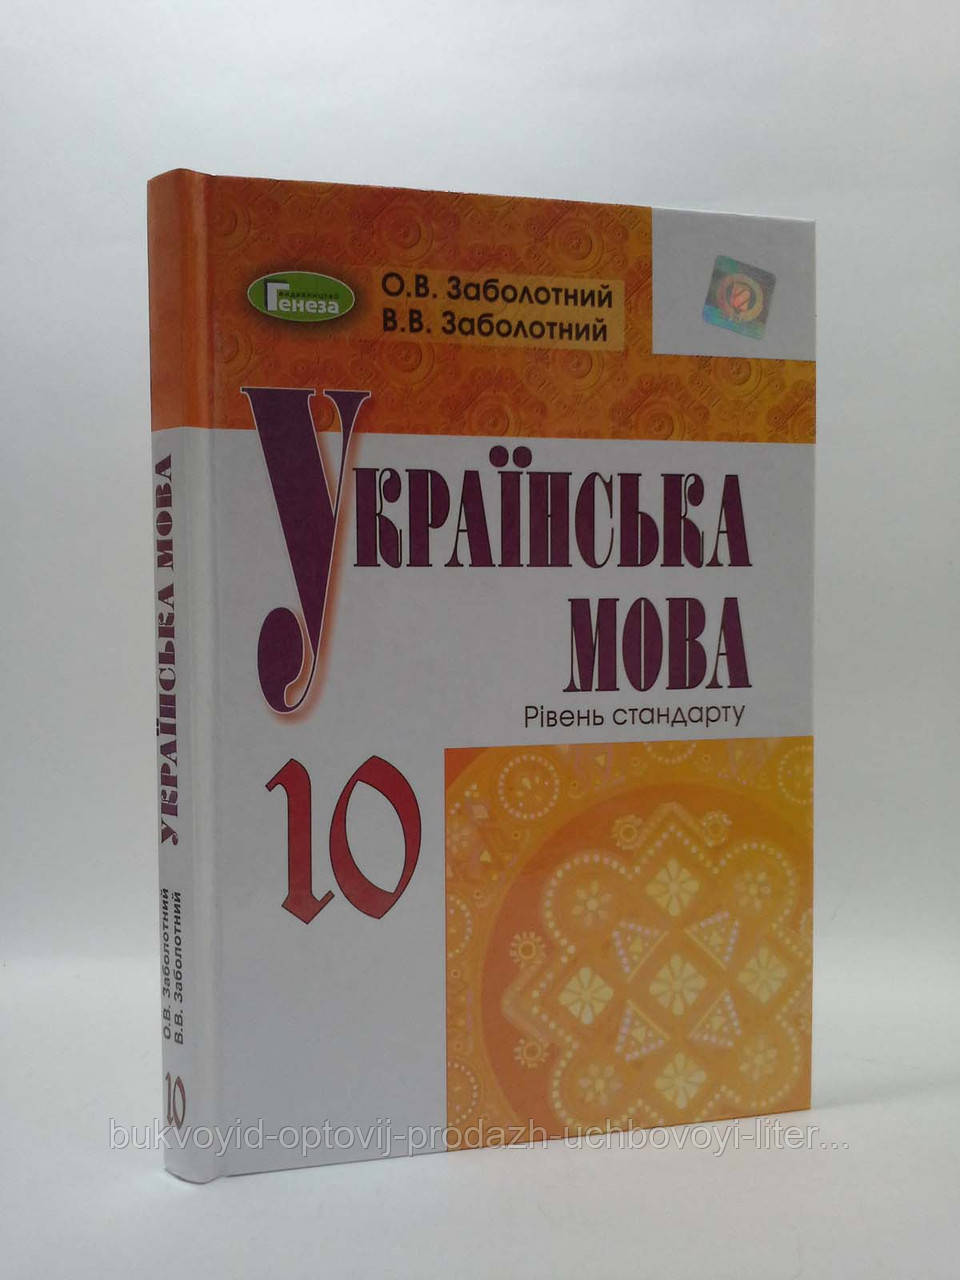 Українська мова 10 клас Підручник Заболотний Генеза ISBN 978-966-11-0788-4